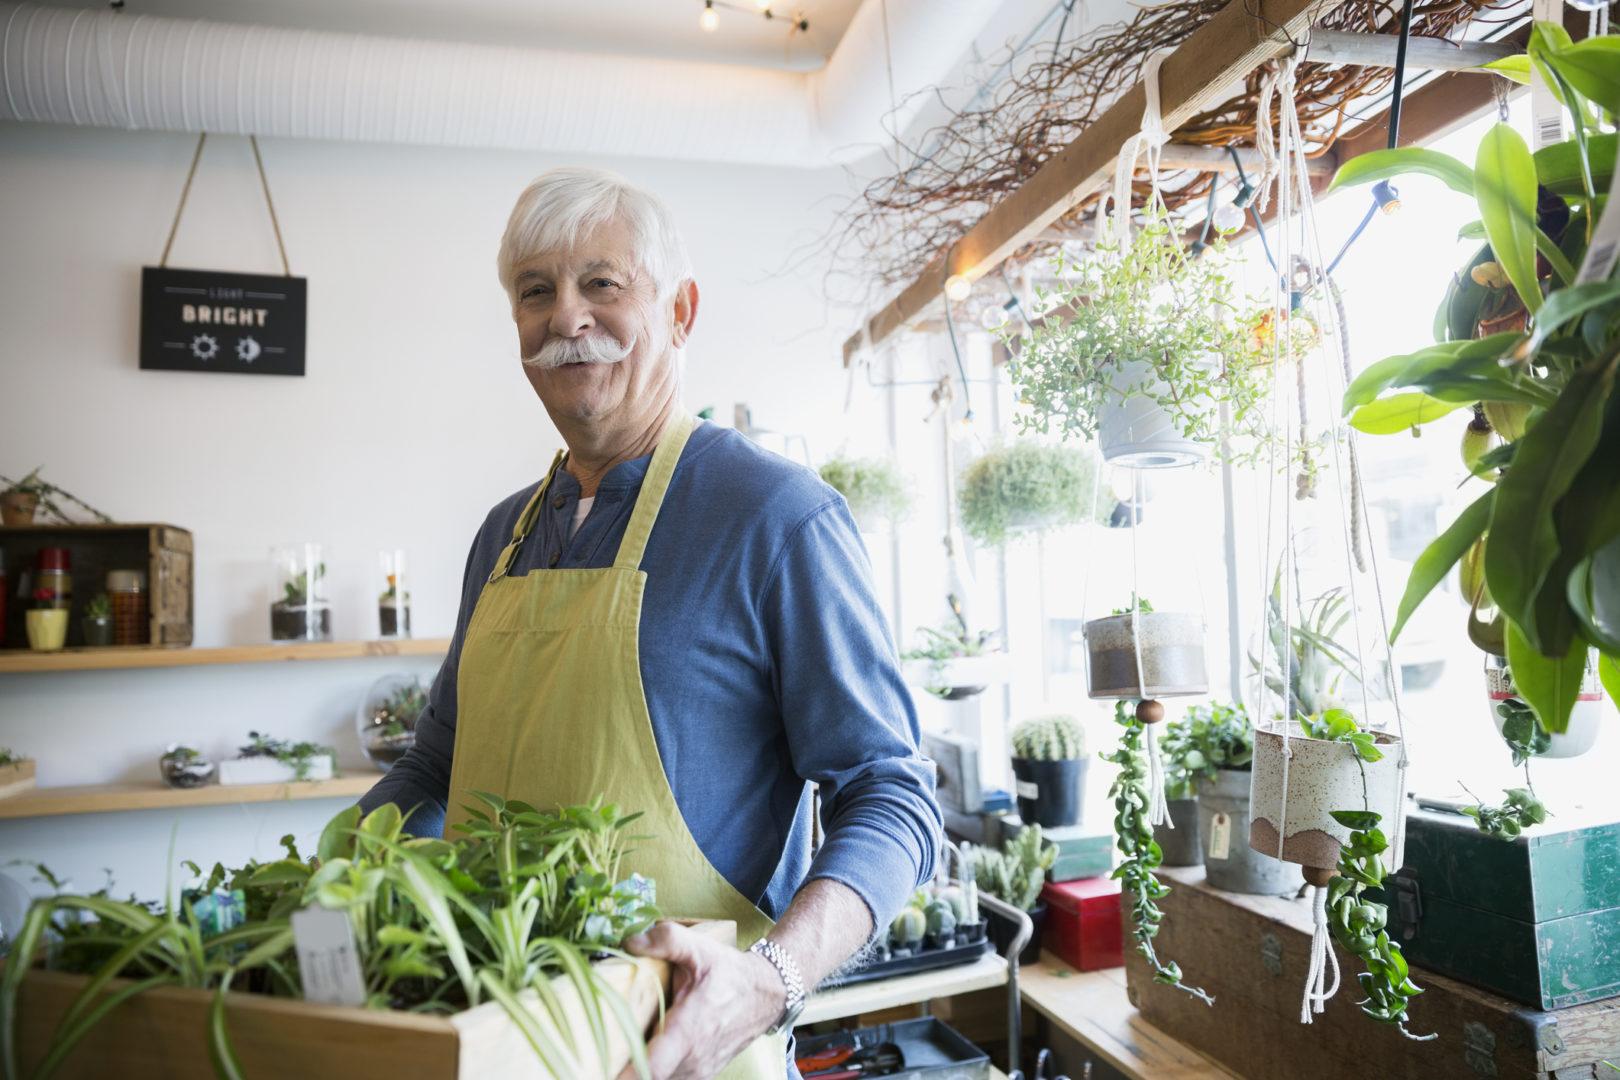 Best part-time jobs for seniors